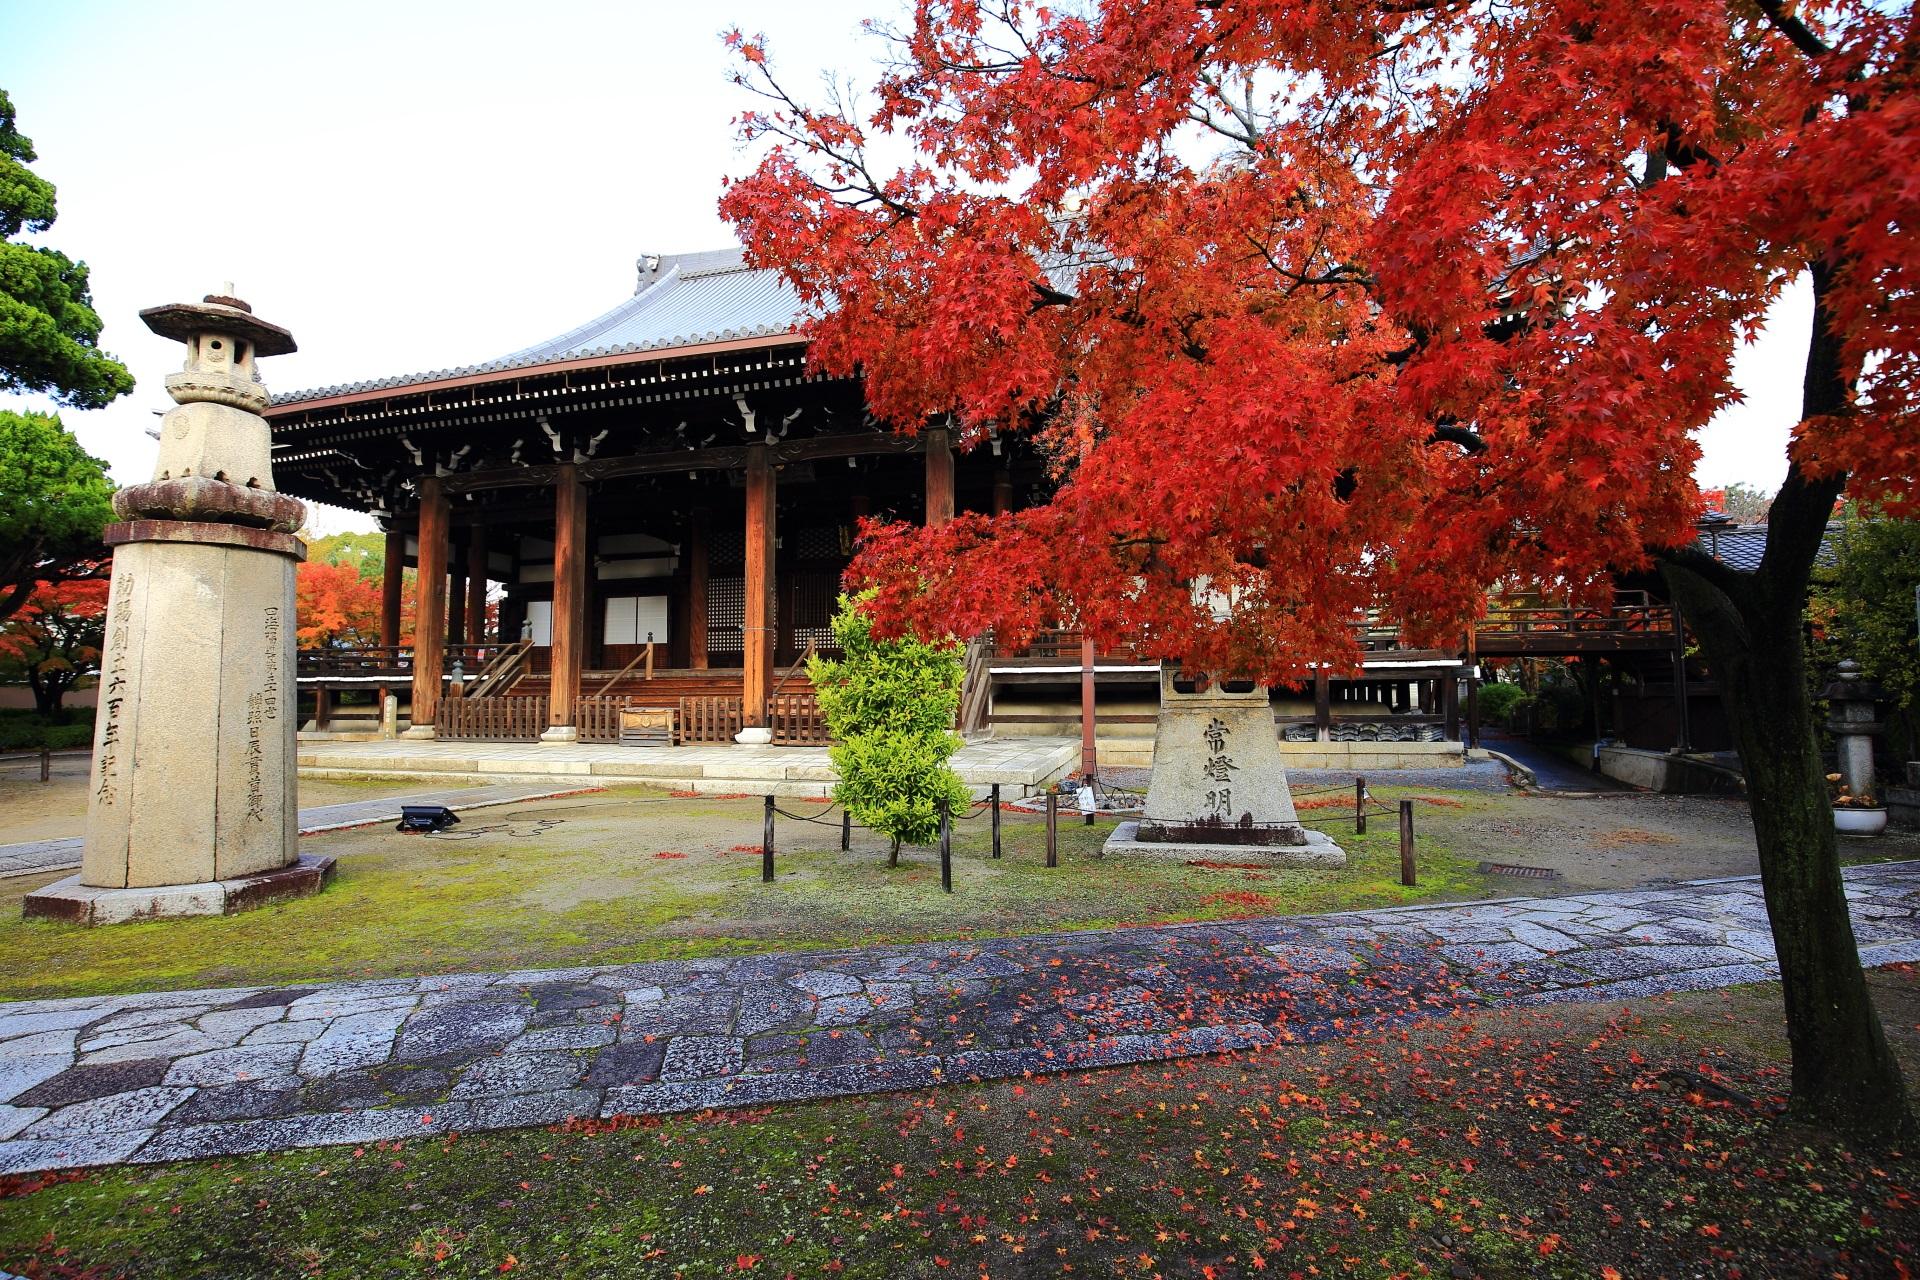 妙顕寺の本堂を彩る真っ赤な紅葉